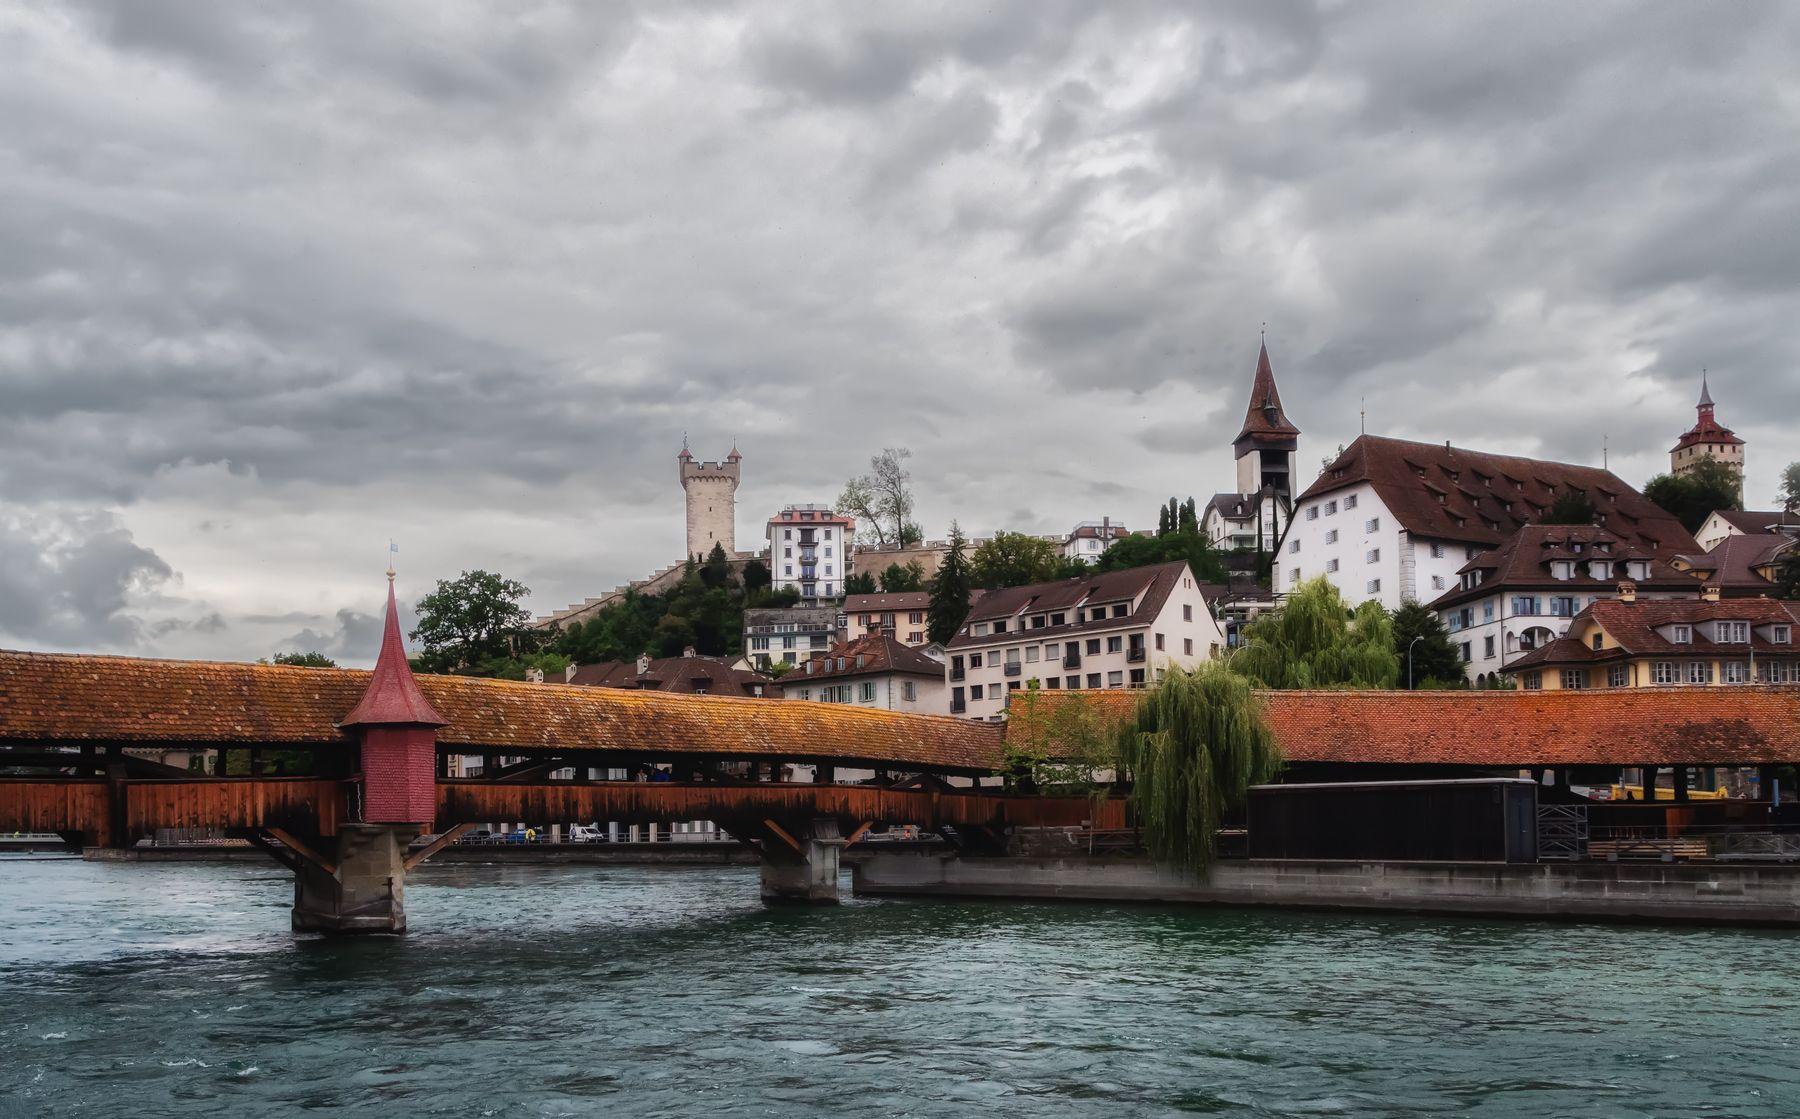 Средневековые башни Люцерна Люцерн мост средневековый